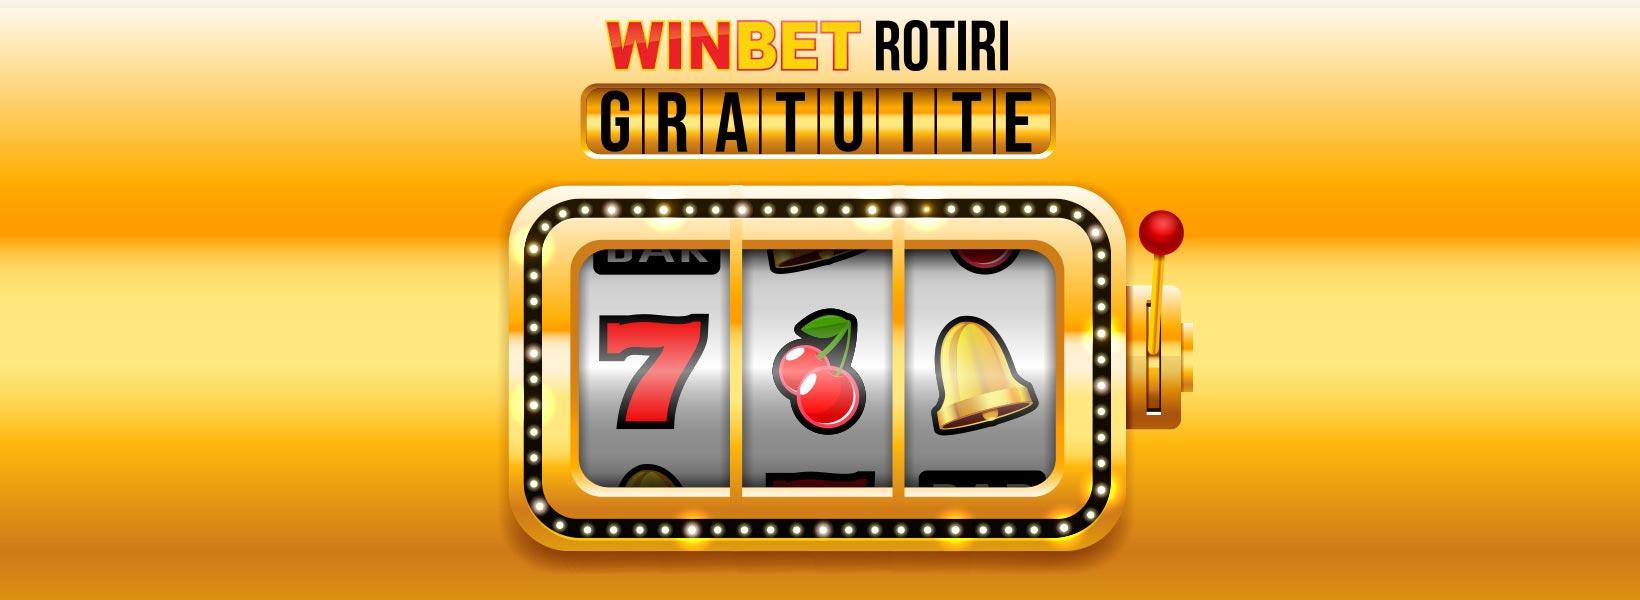 Fără Bonus De Depozit 2020 Cazinou Nou | Calculați șansele de câștig la sloturi